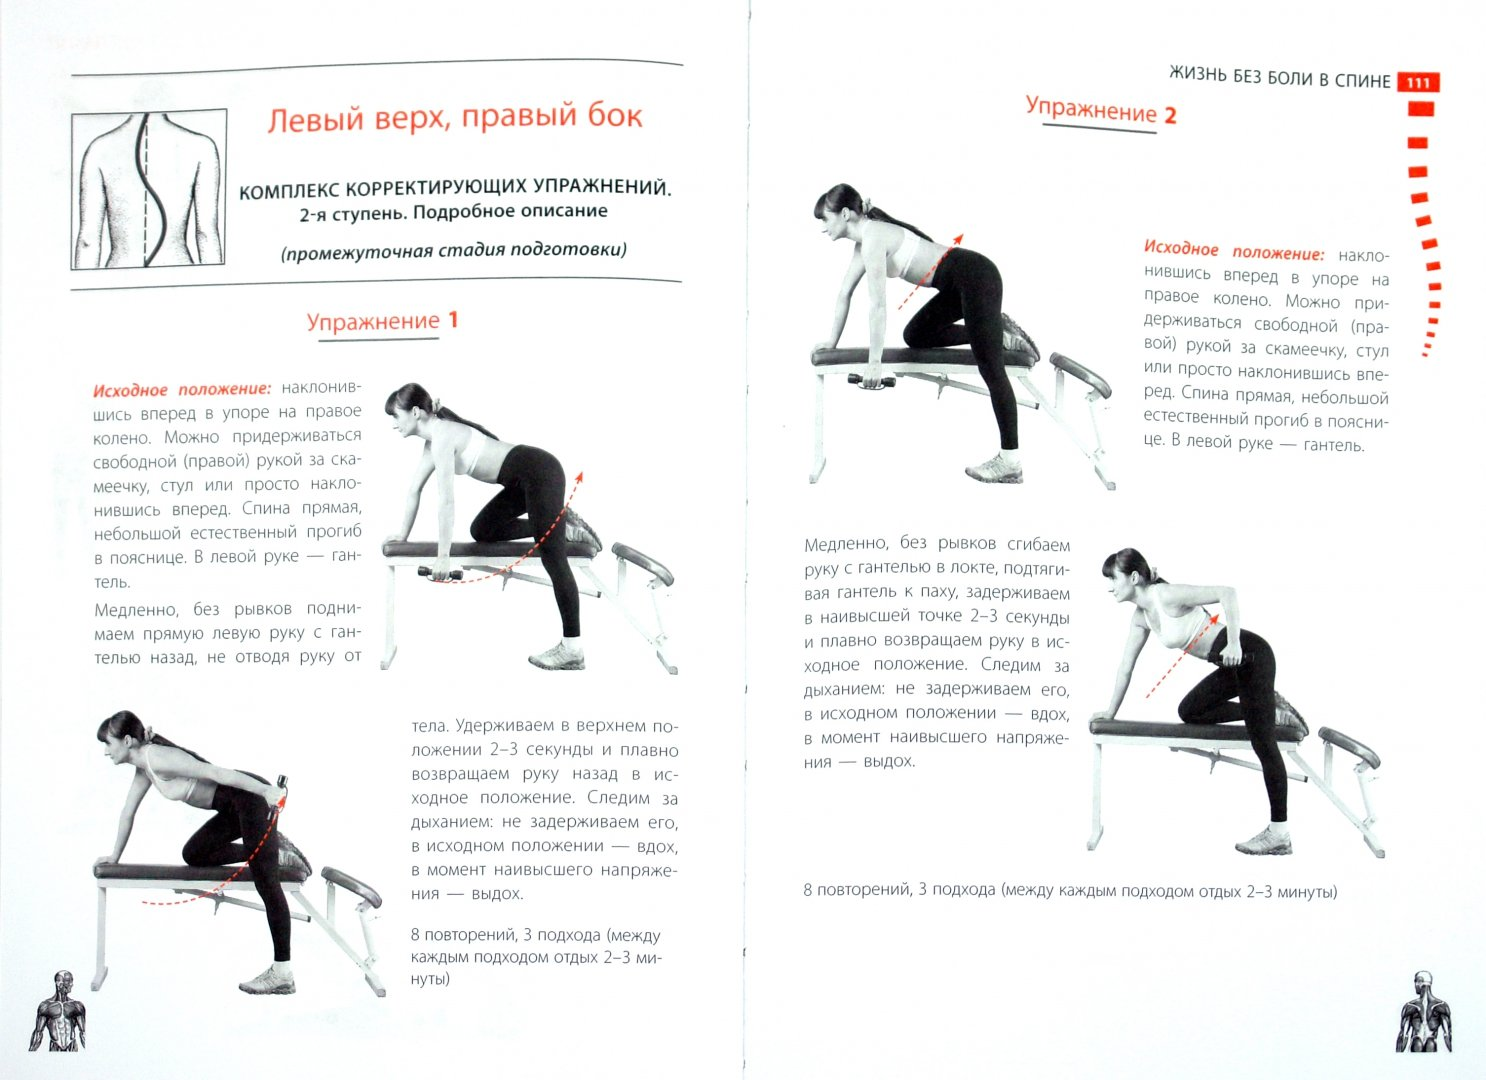 Иллюстрация 1 из 13 для Жизнь без боли в спине - Валентин Дикуль | Лабиринт - книги. Источник: Лабиринт